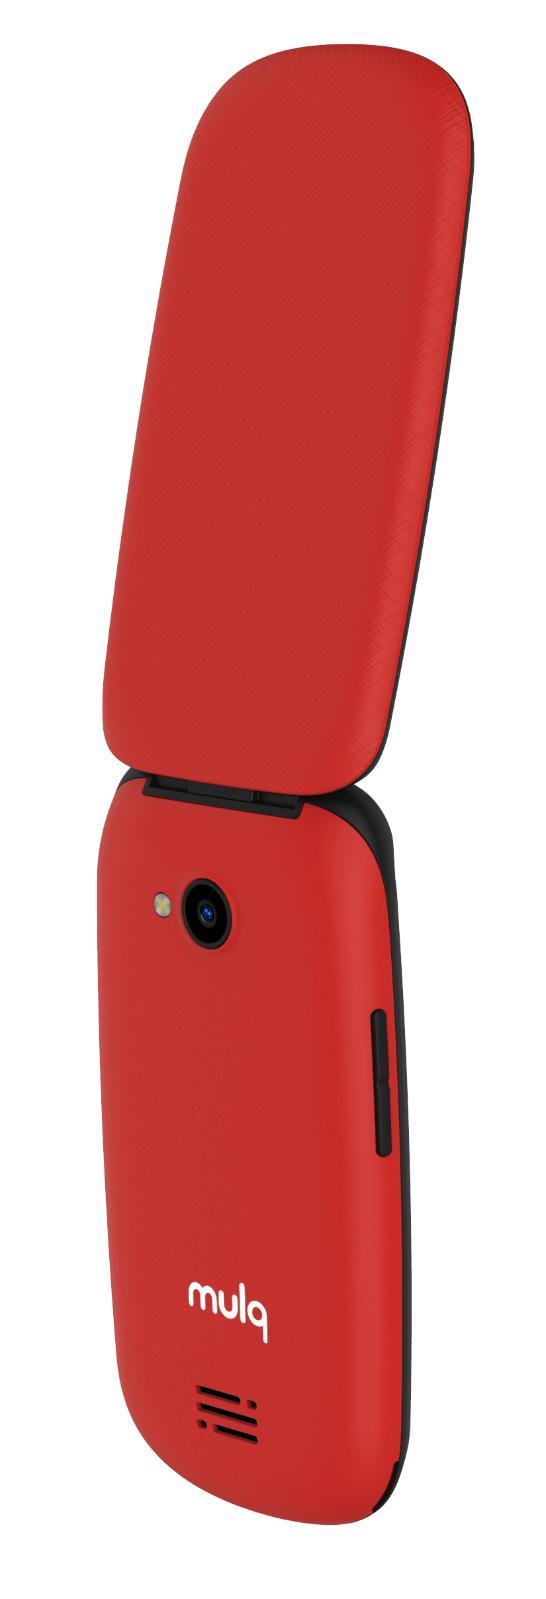 Flip Phone BIG KEYPAD BIG SCREEN Dual Sim Tmobile Metro